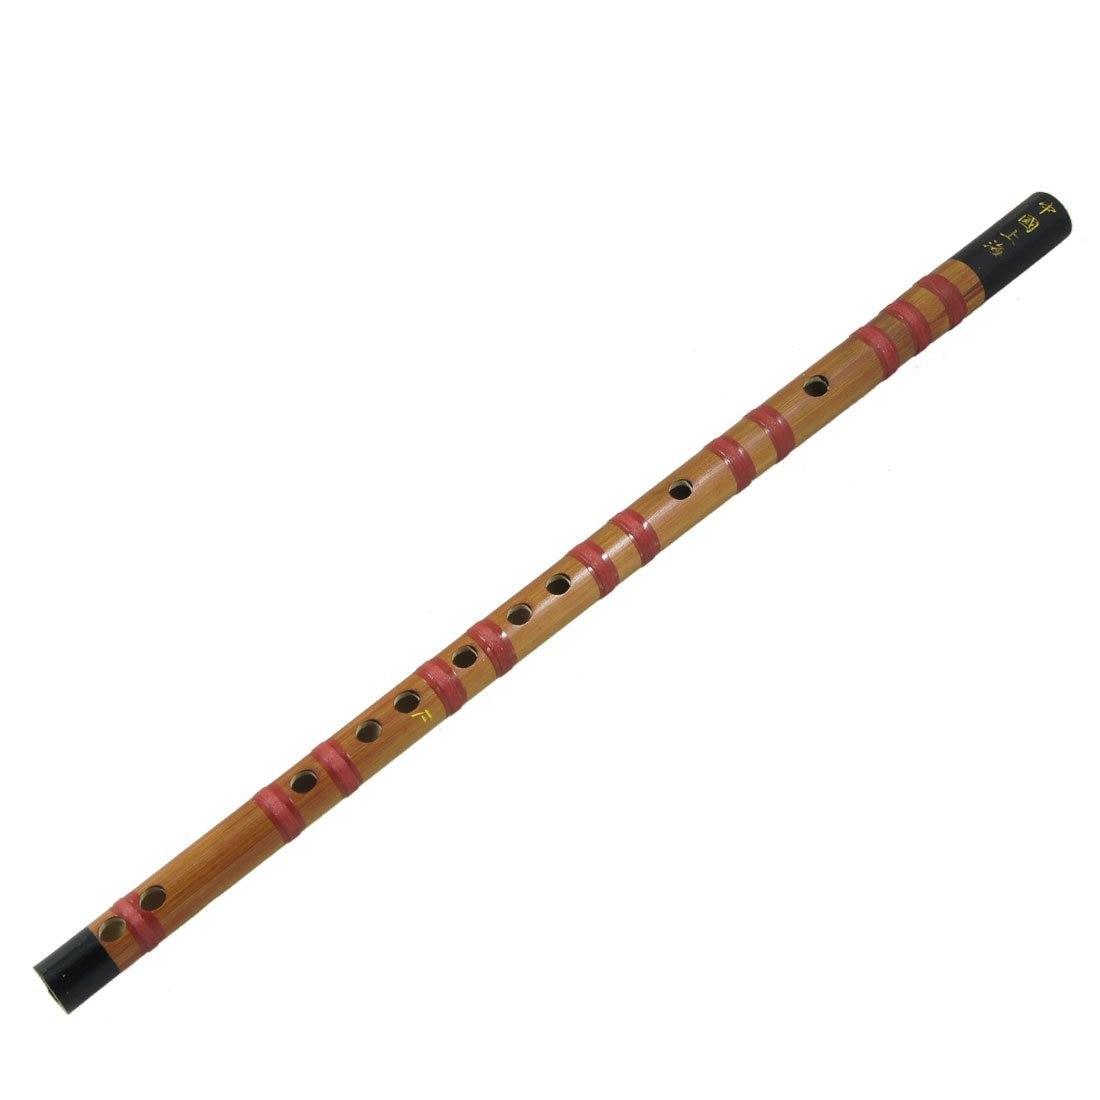 Wholesale 5X 18.5 Long Music Instrument Soprano F Chinese Dizi Bamboo Flute